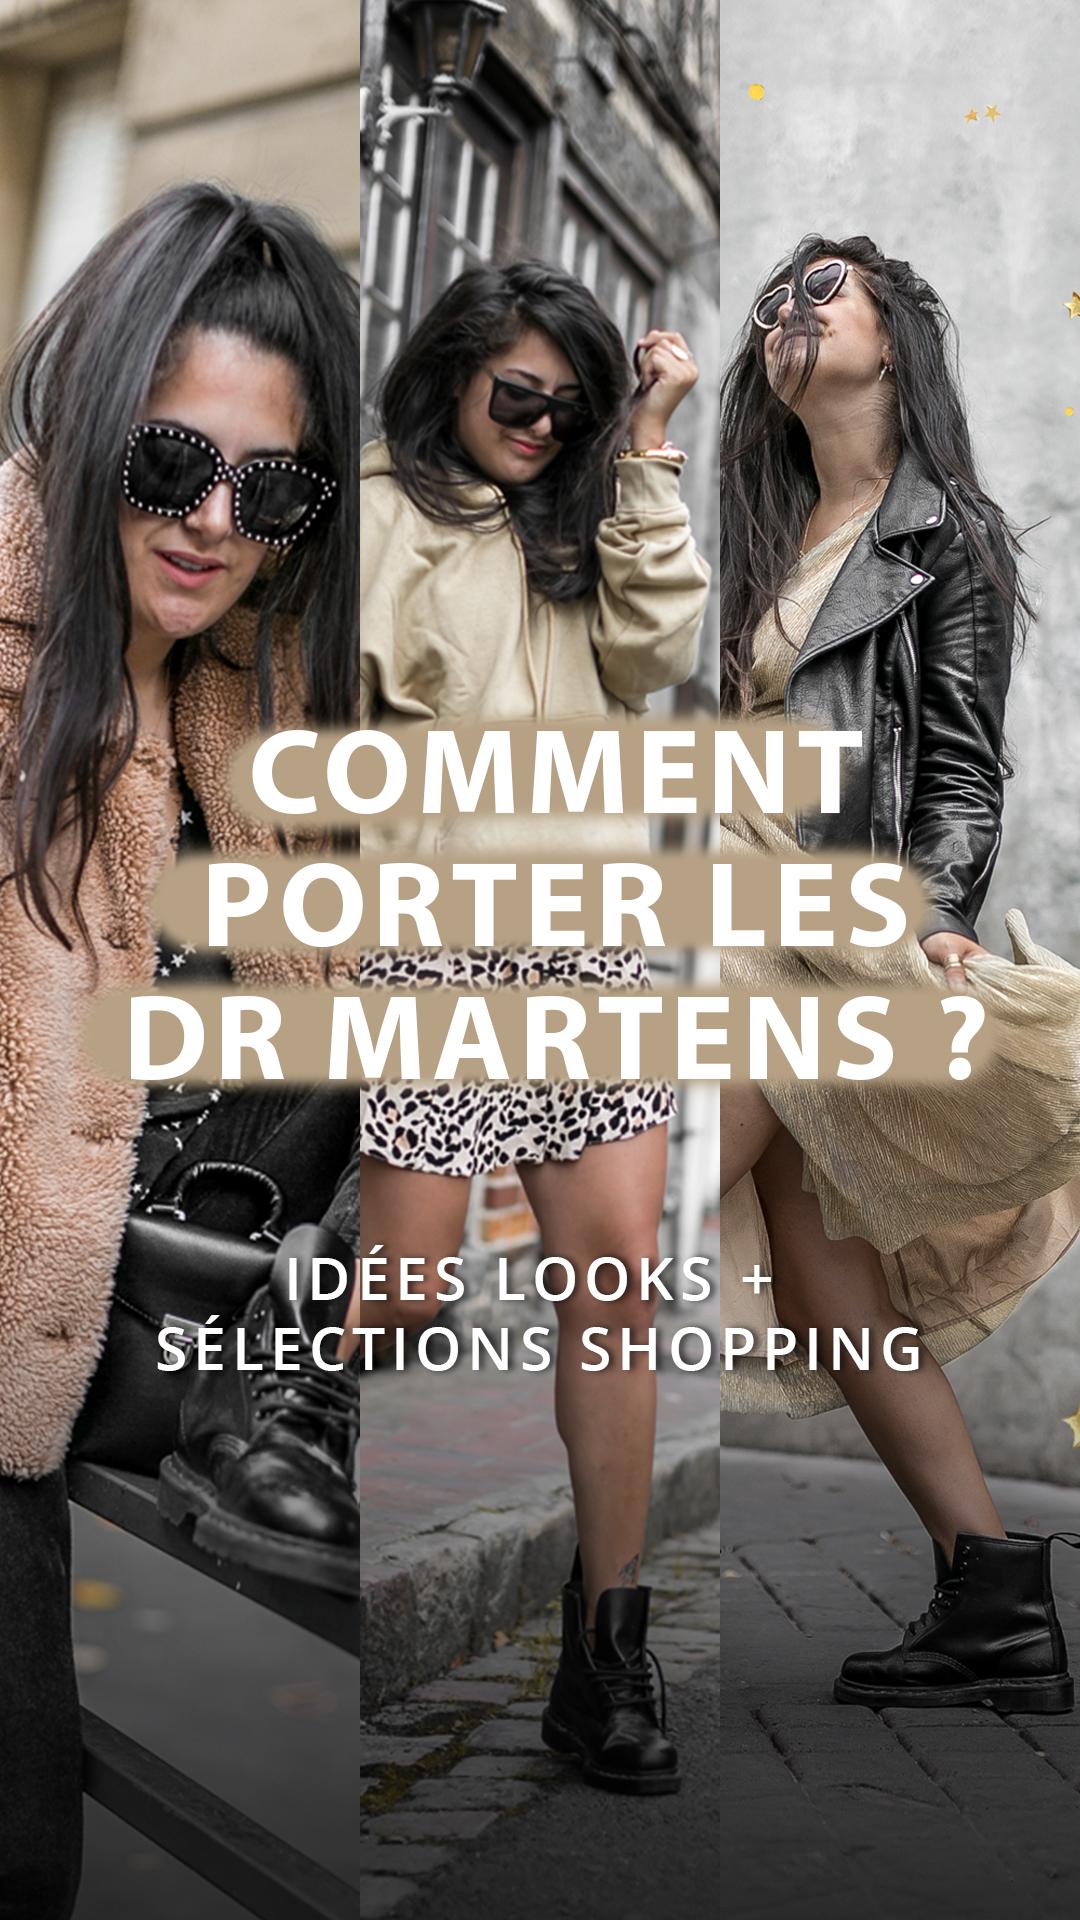 COMMENT-porter-les-dr-martens